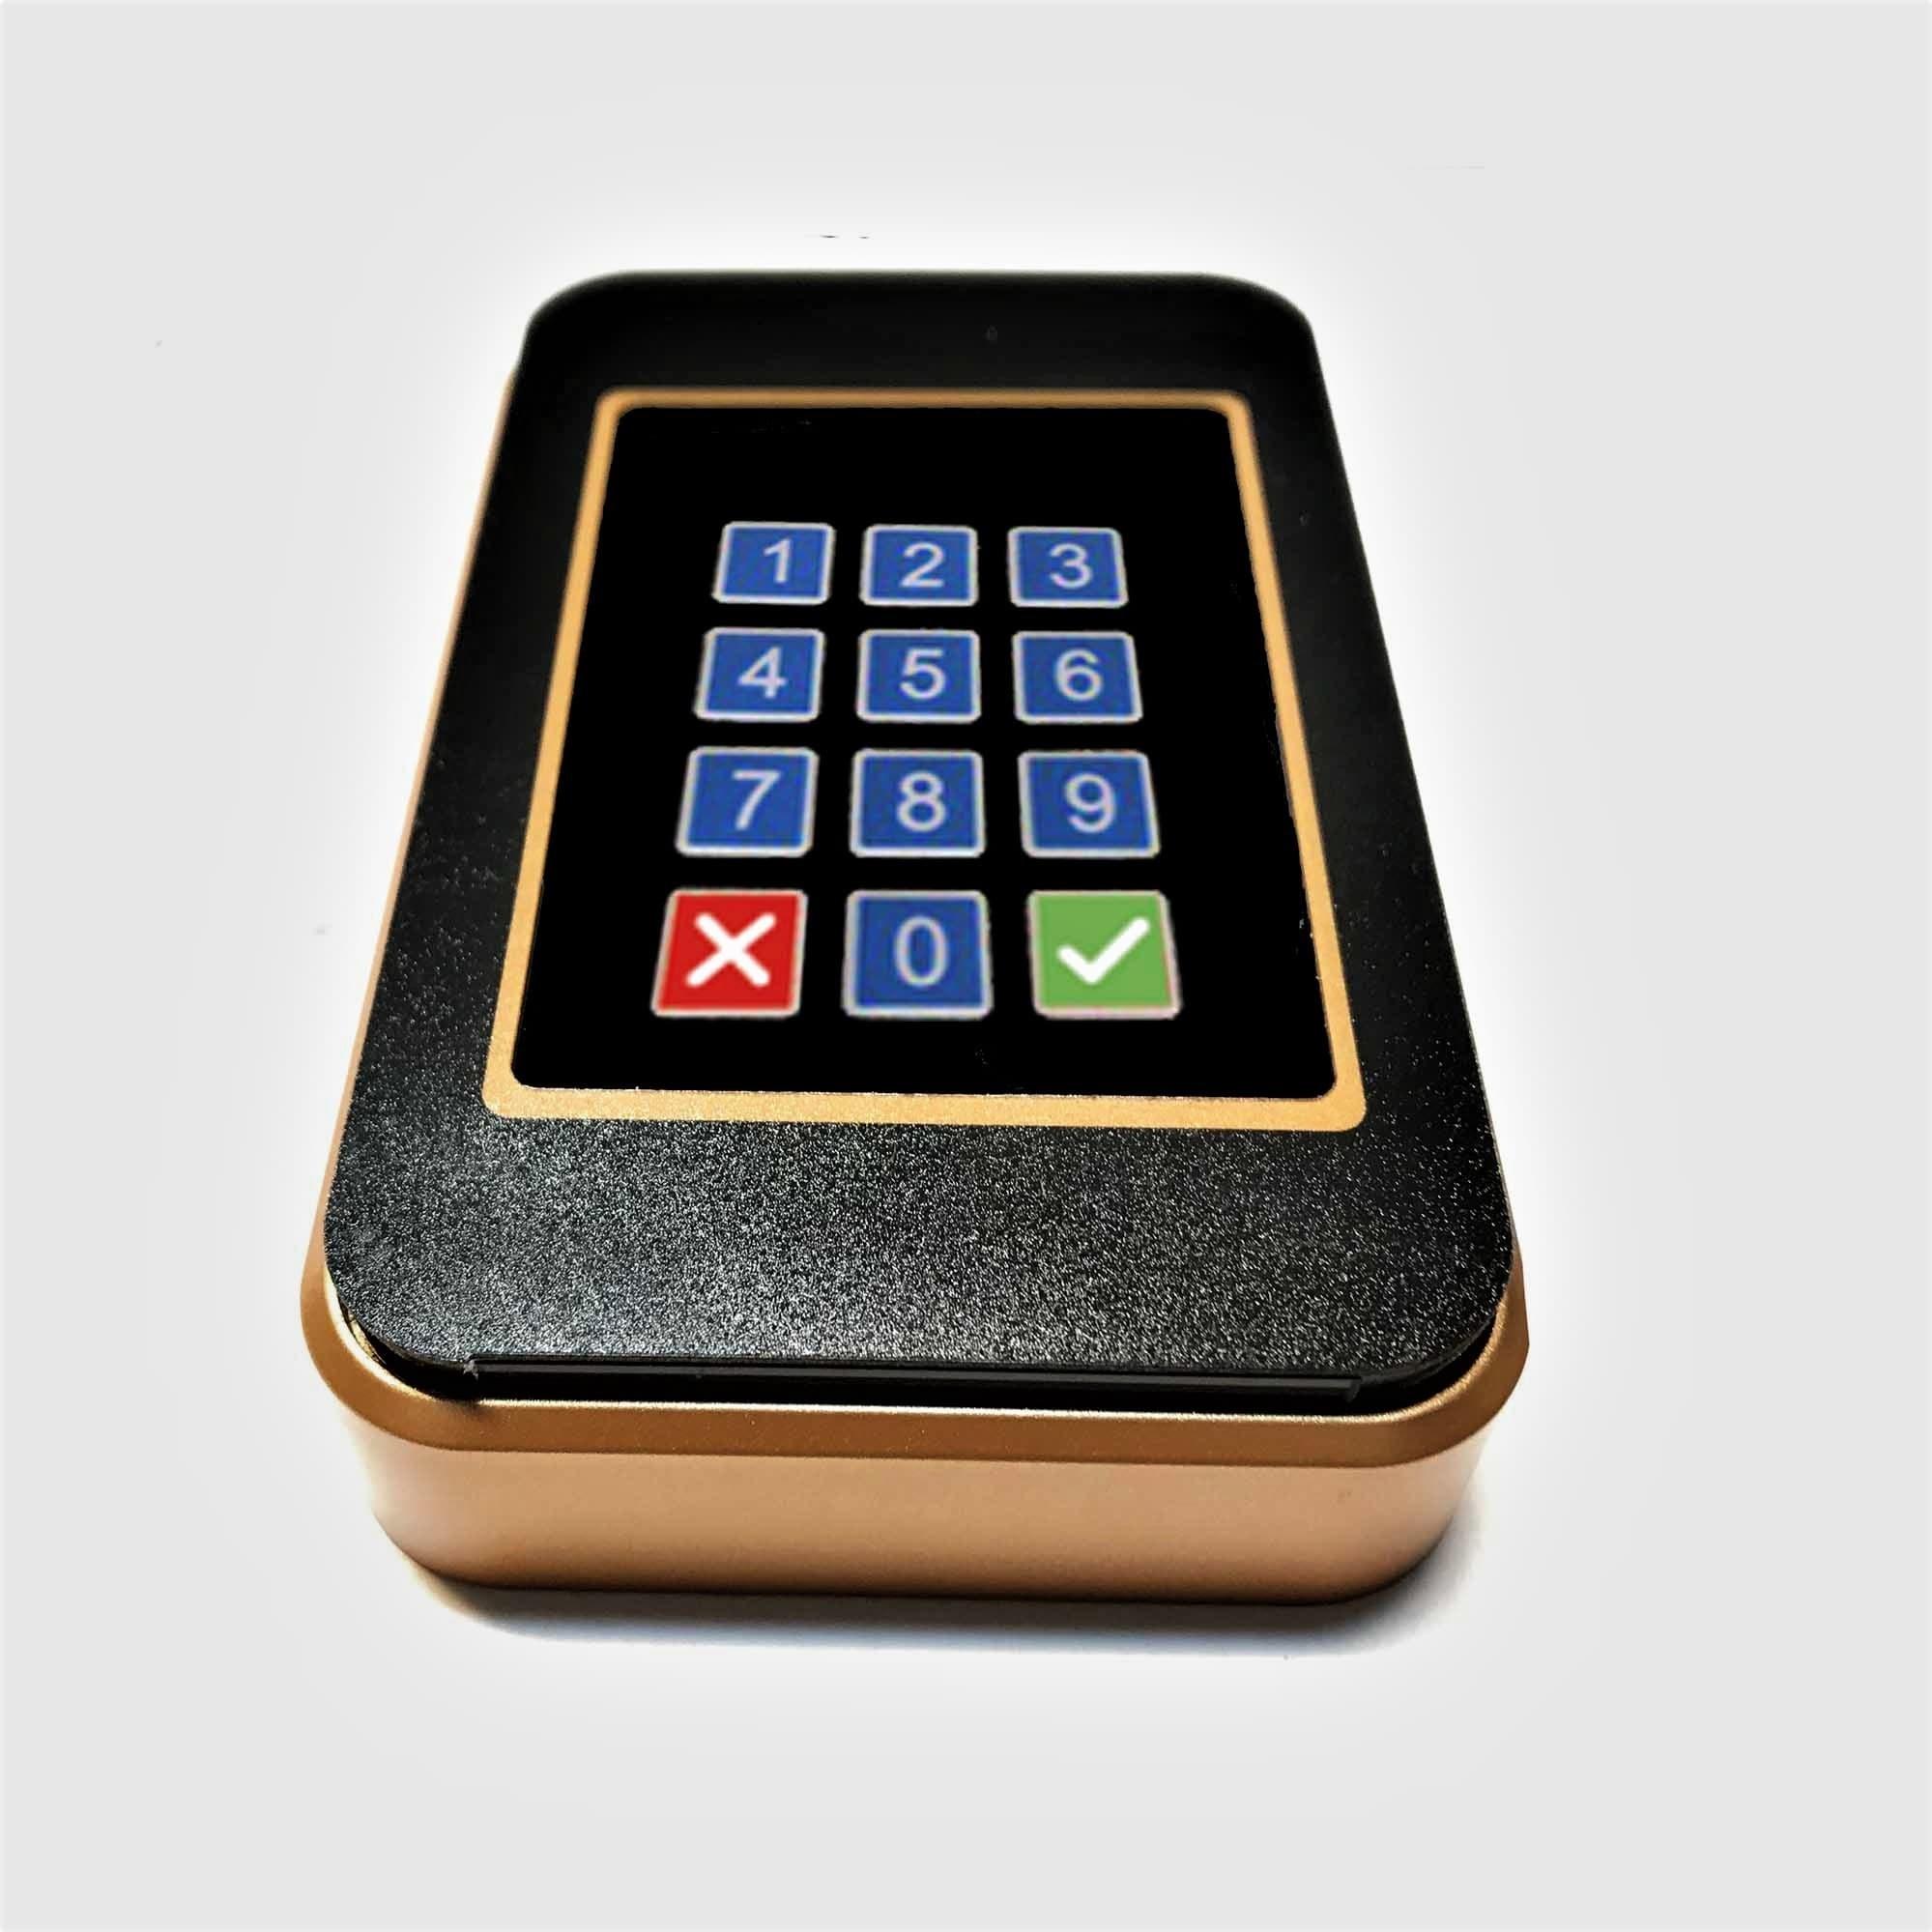 دستگاه باشگاه مشتریان – (نسخه جدید) ذخیره شماره موبایل مشتریان